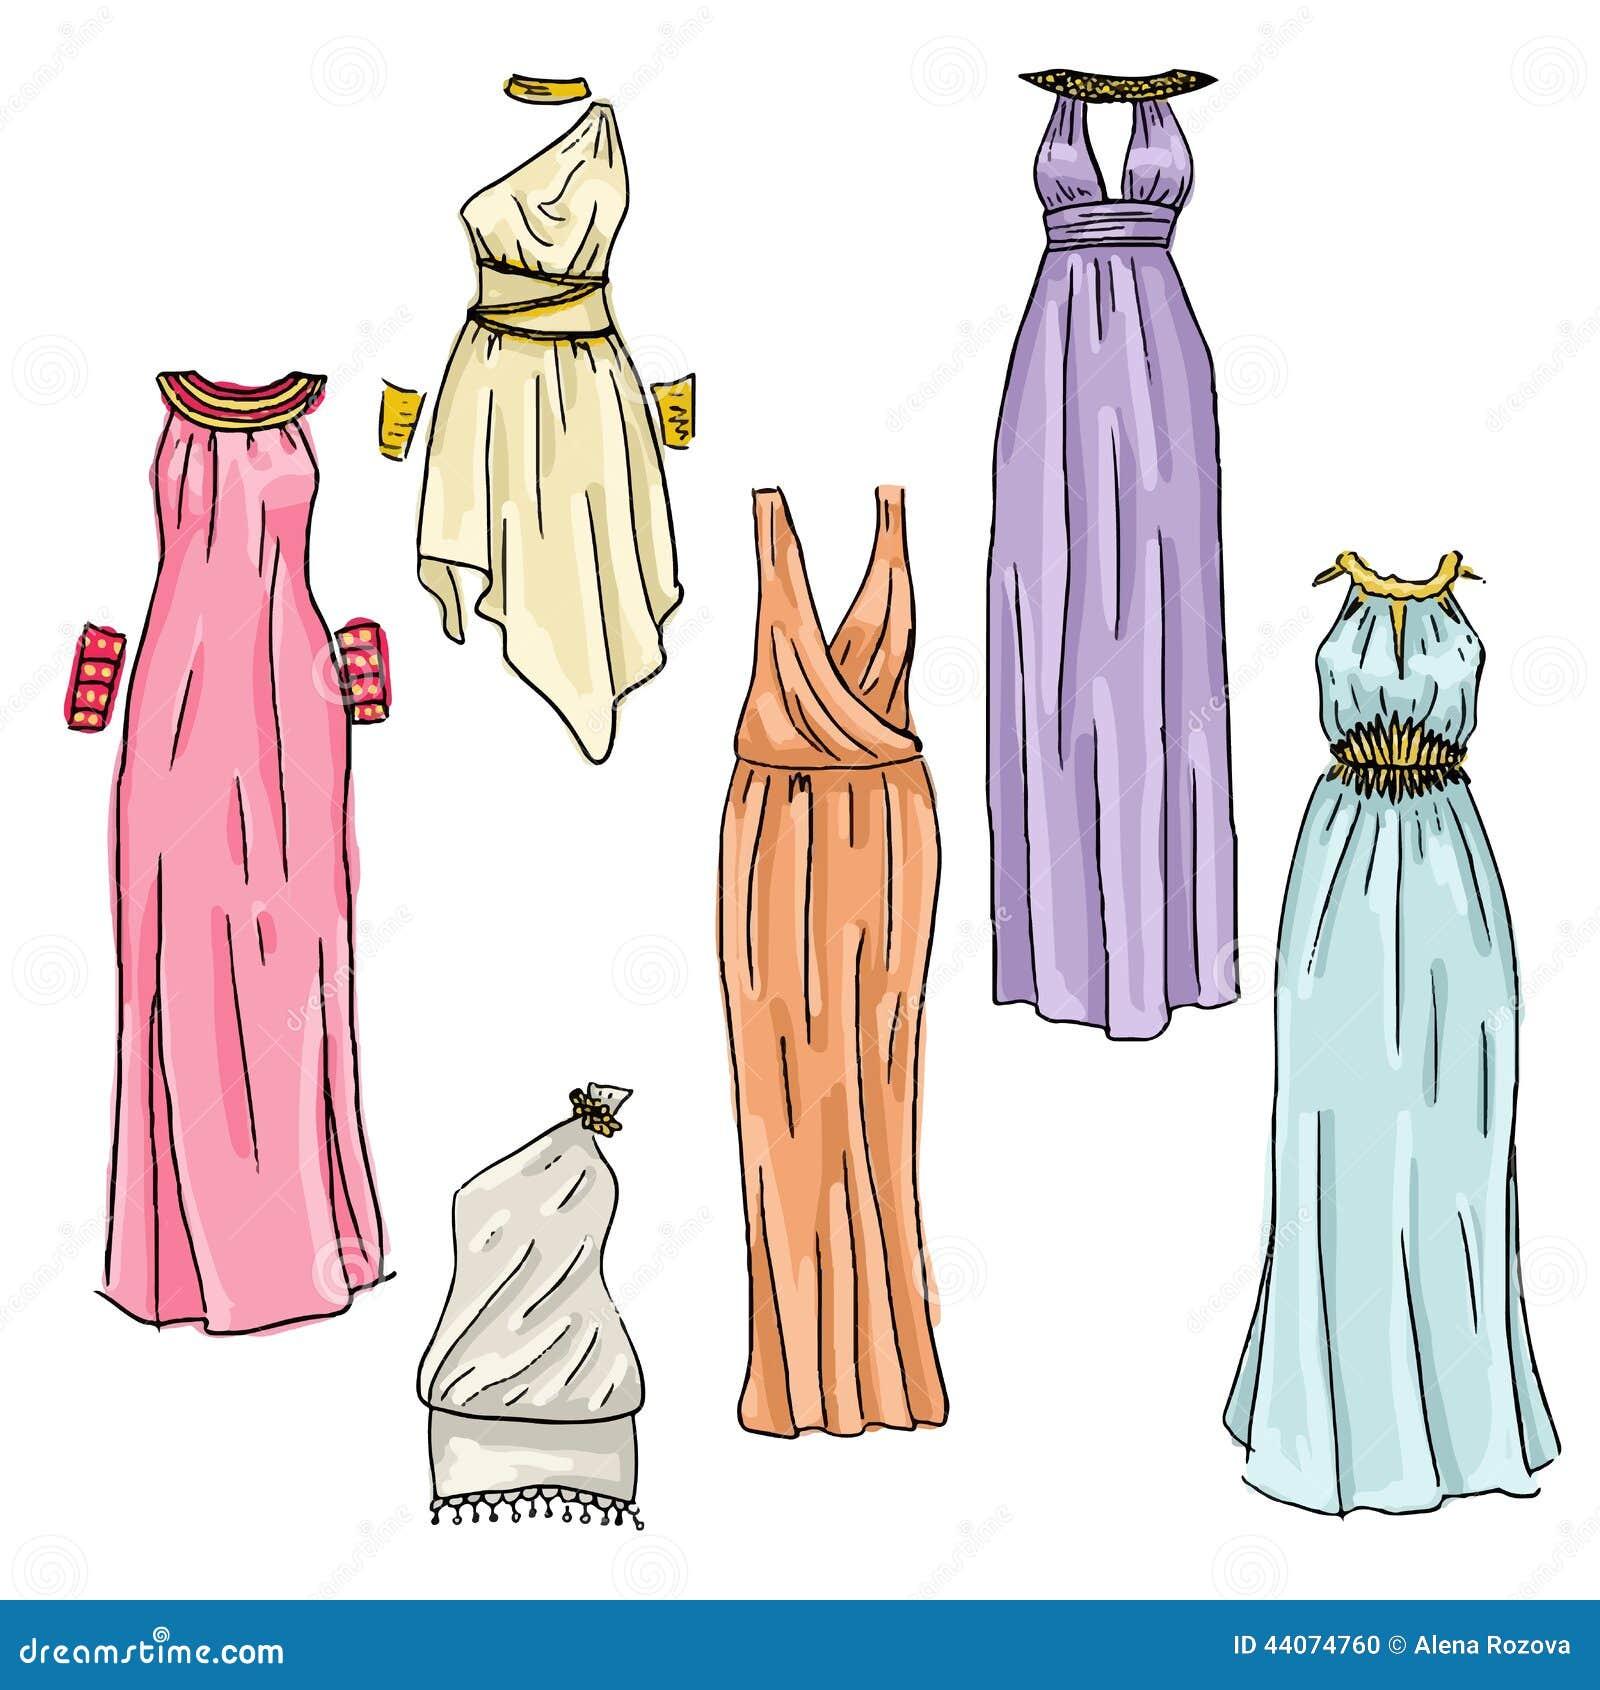 Assortment of hand drawn beautiful greek dresses.